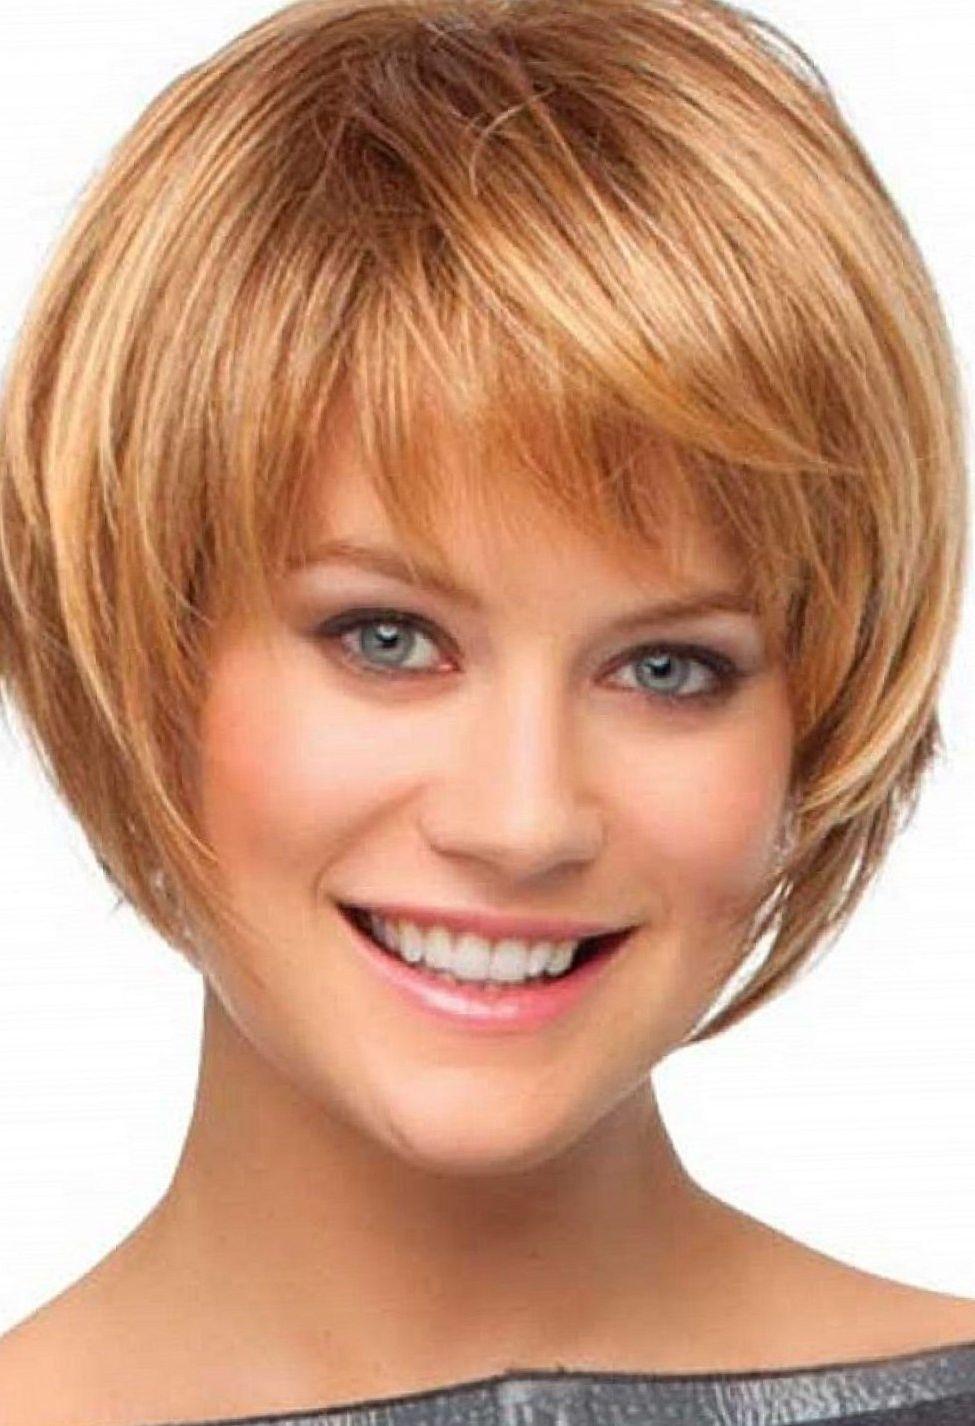 Medium hair styles short layered haircuts with bangs short bob